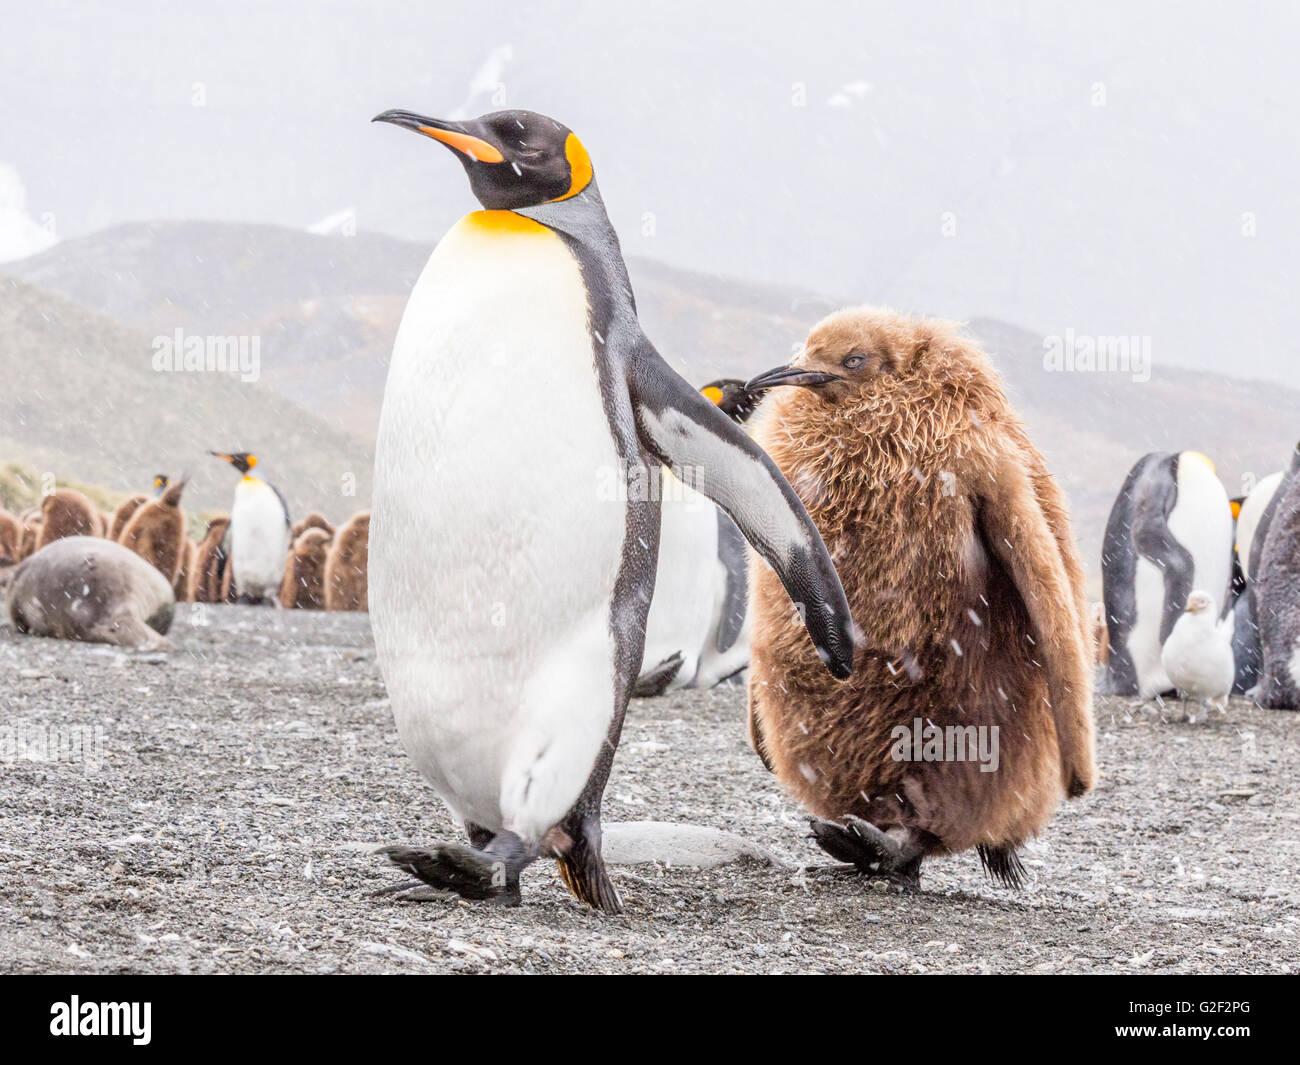 Un parent King Penguin vivement des promenades le long d'une plage avec ses jeunes dans le remorquage Photo Stock